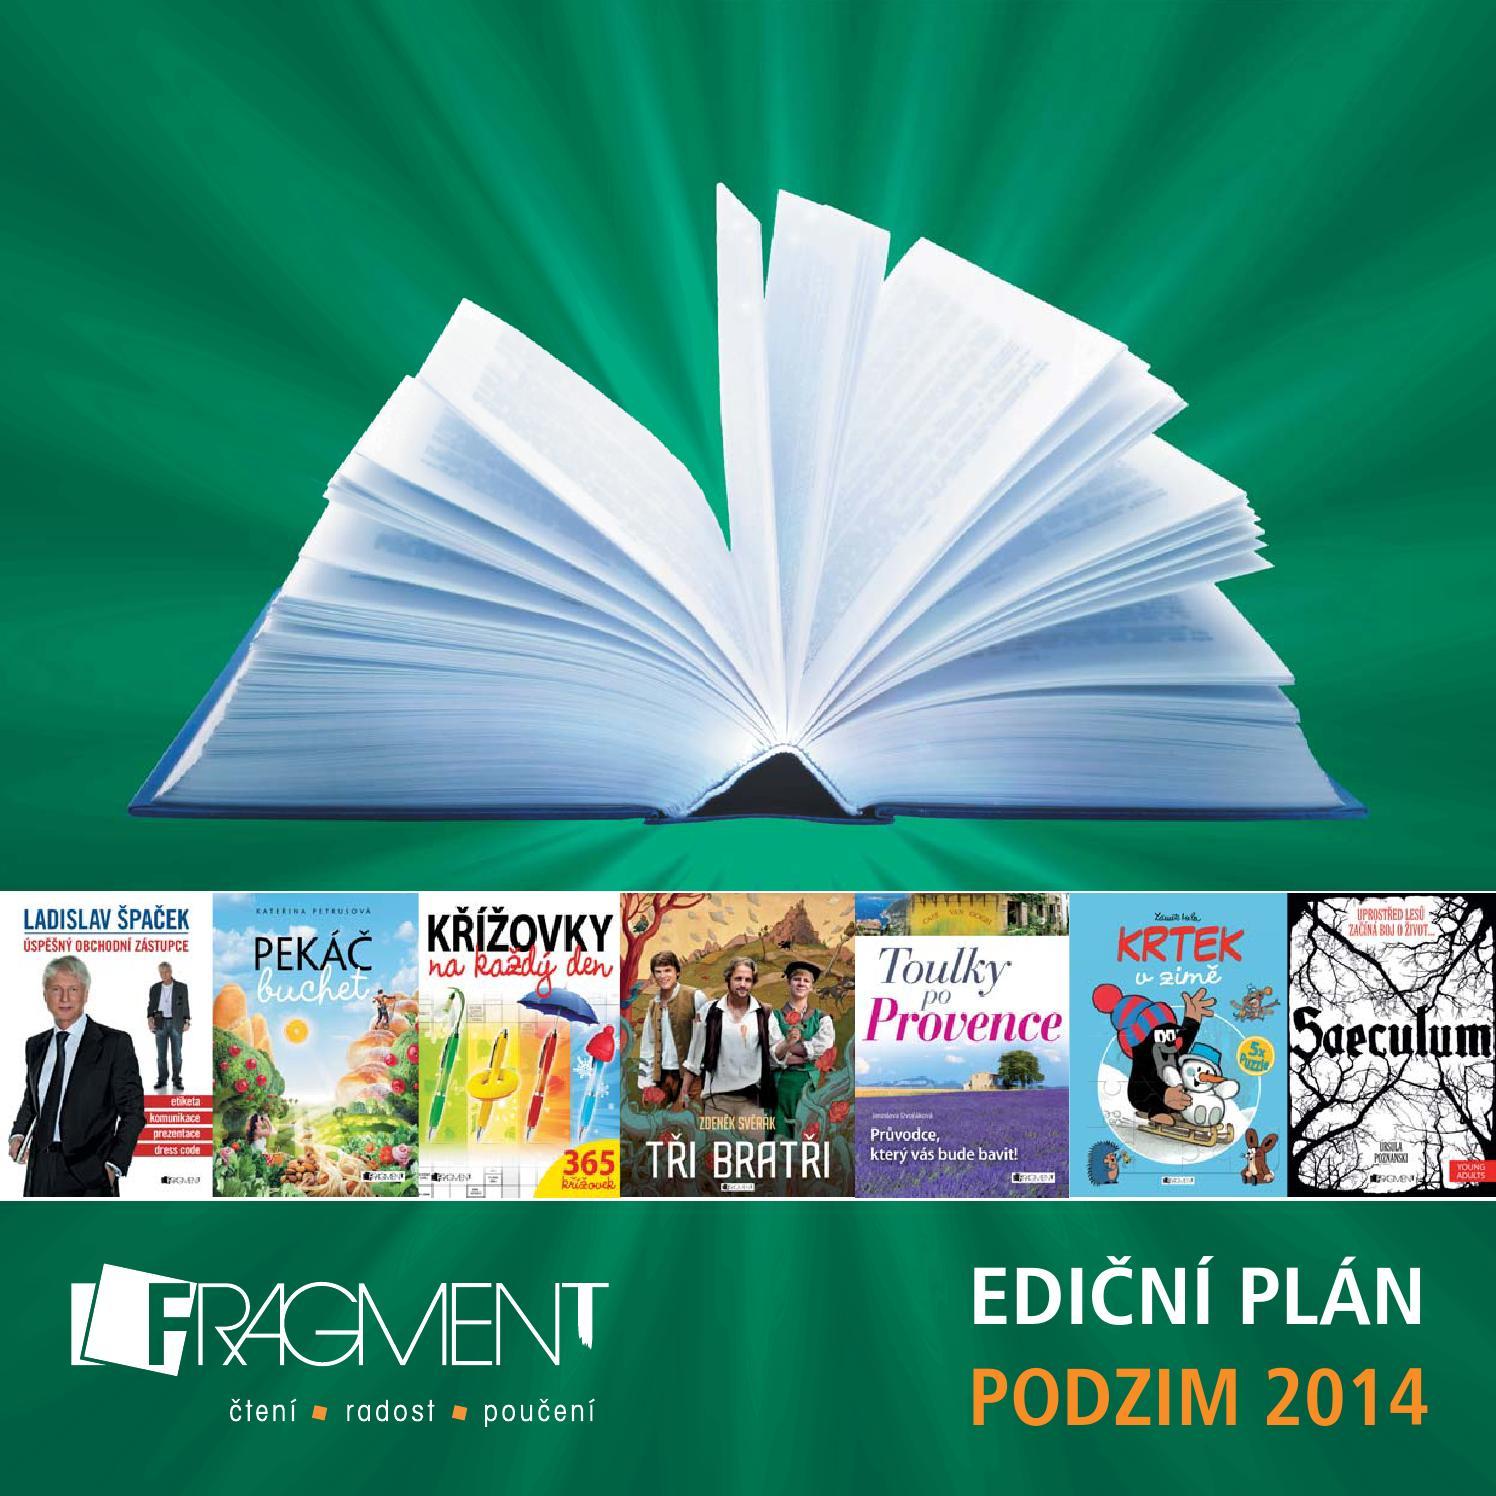 bb15df47562 Ediční plán Nakladatelství Fragment Podzim 2014 by Nakladatelství Fragment  - issuu